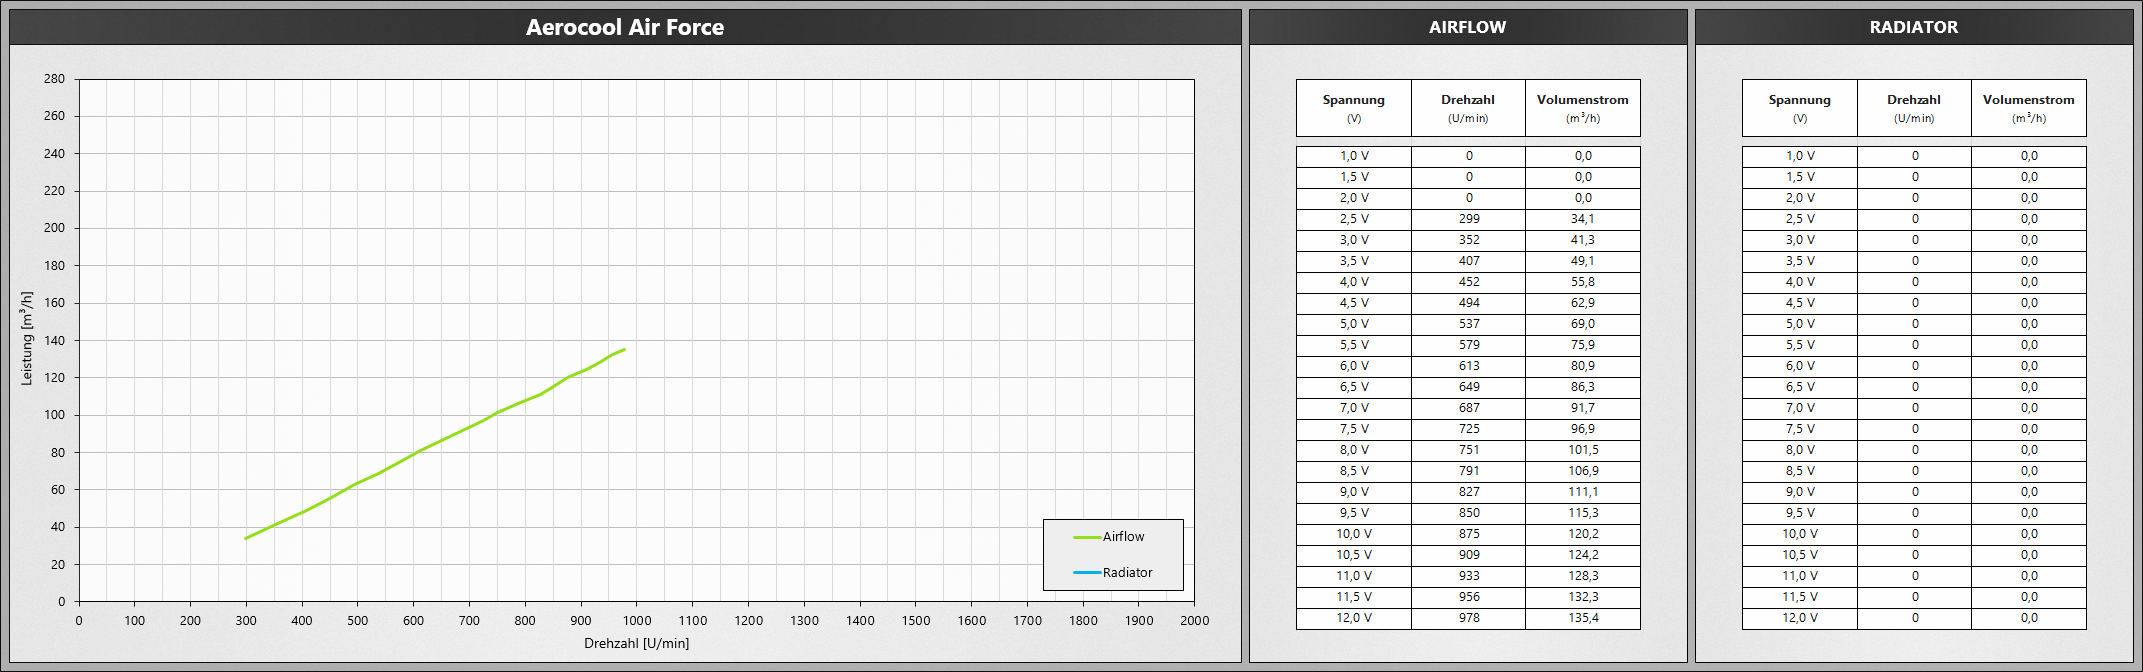 Klicken Sie auf die Grafik für eine größere Ansicht  Name:AerocoolAirForce.png Hits:687 Größe:466,5 KB ID:1074747